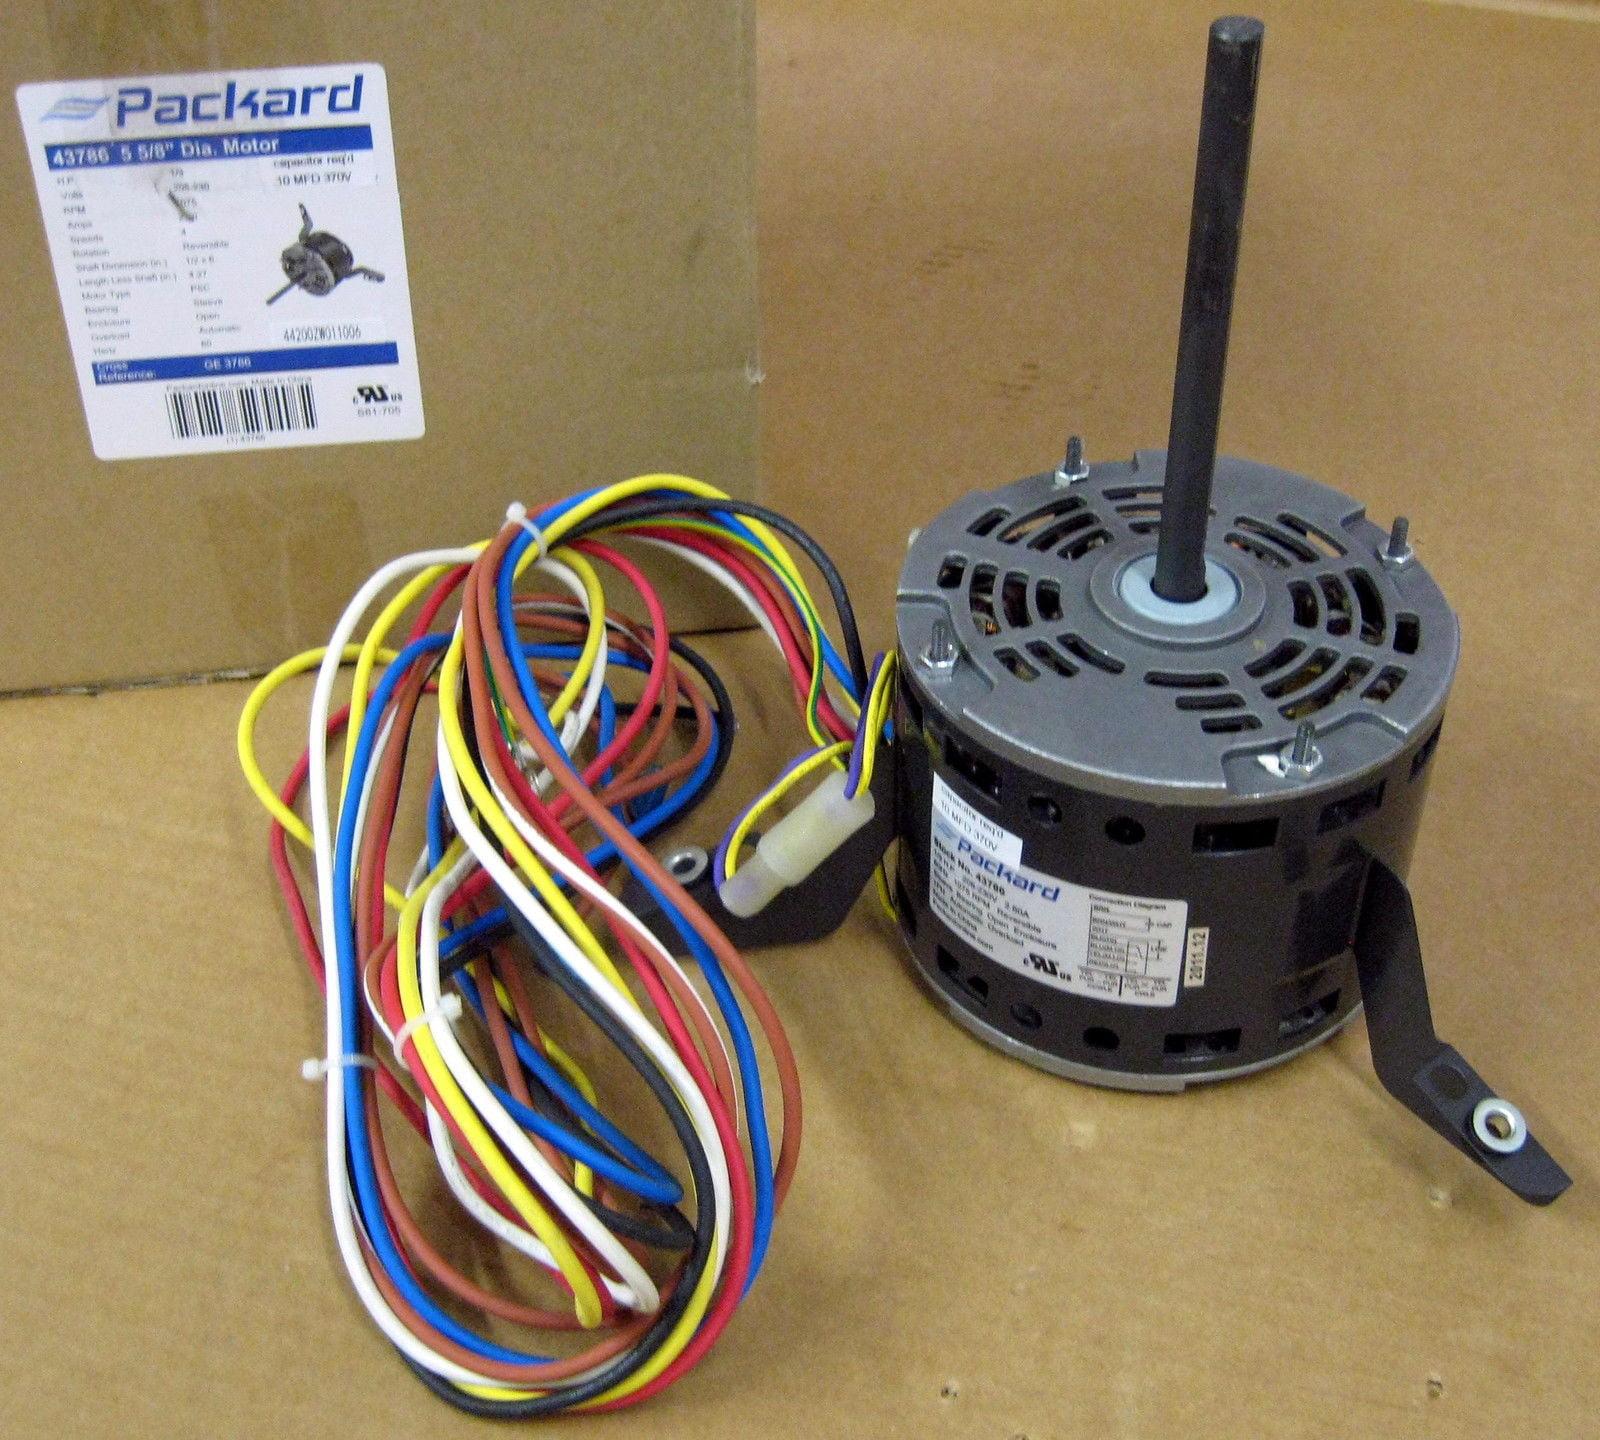 Packard FM1036 1//3 HP 1075 RPM 3 Speed 208-230 Volt Motor